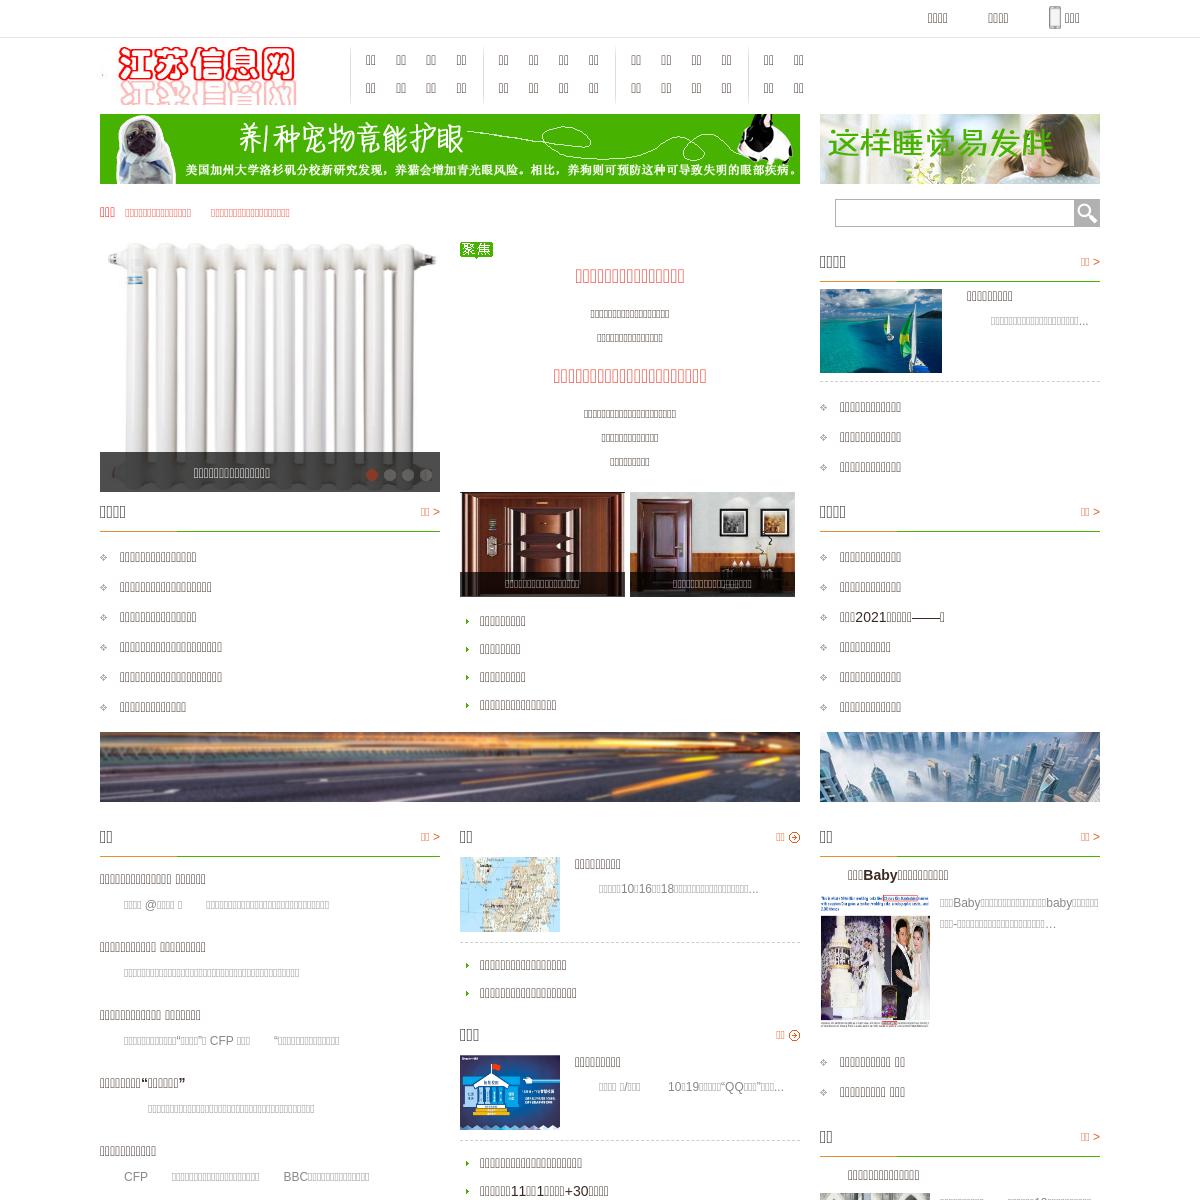 江苏信息网